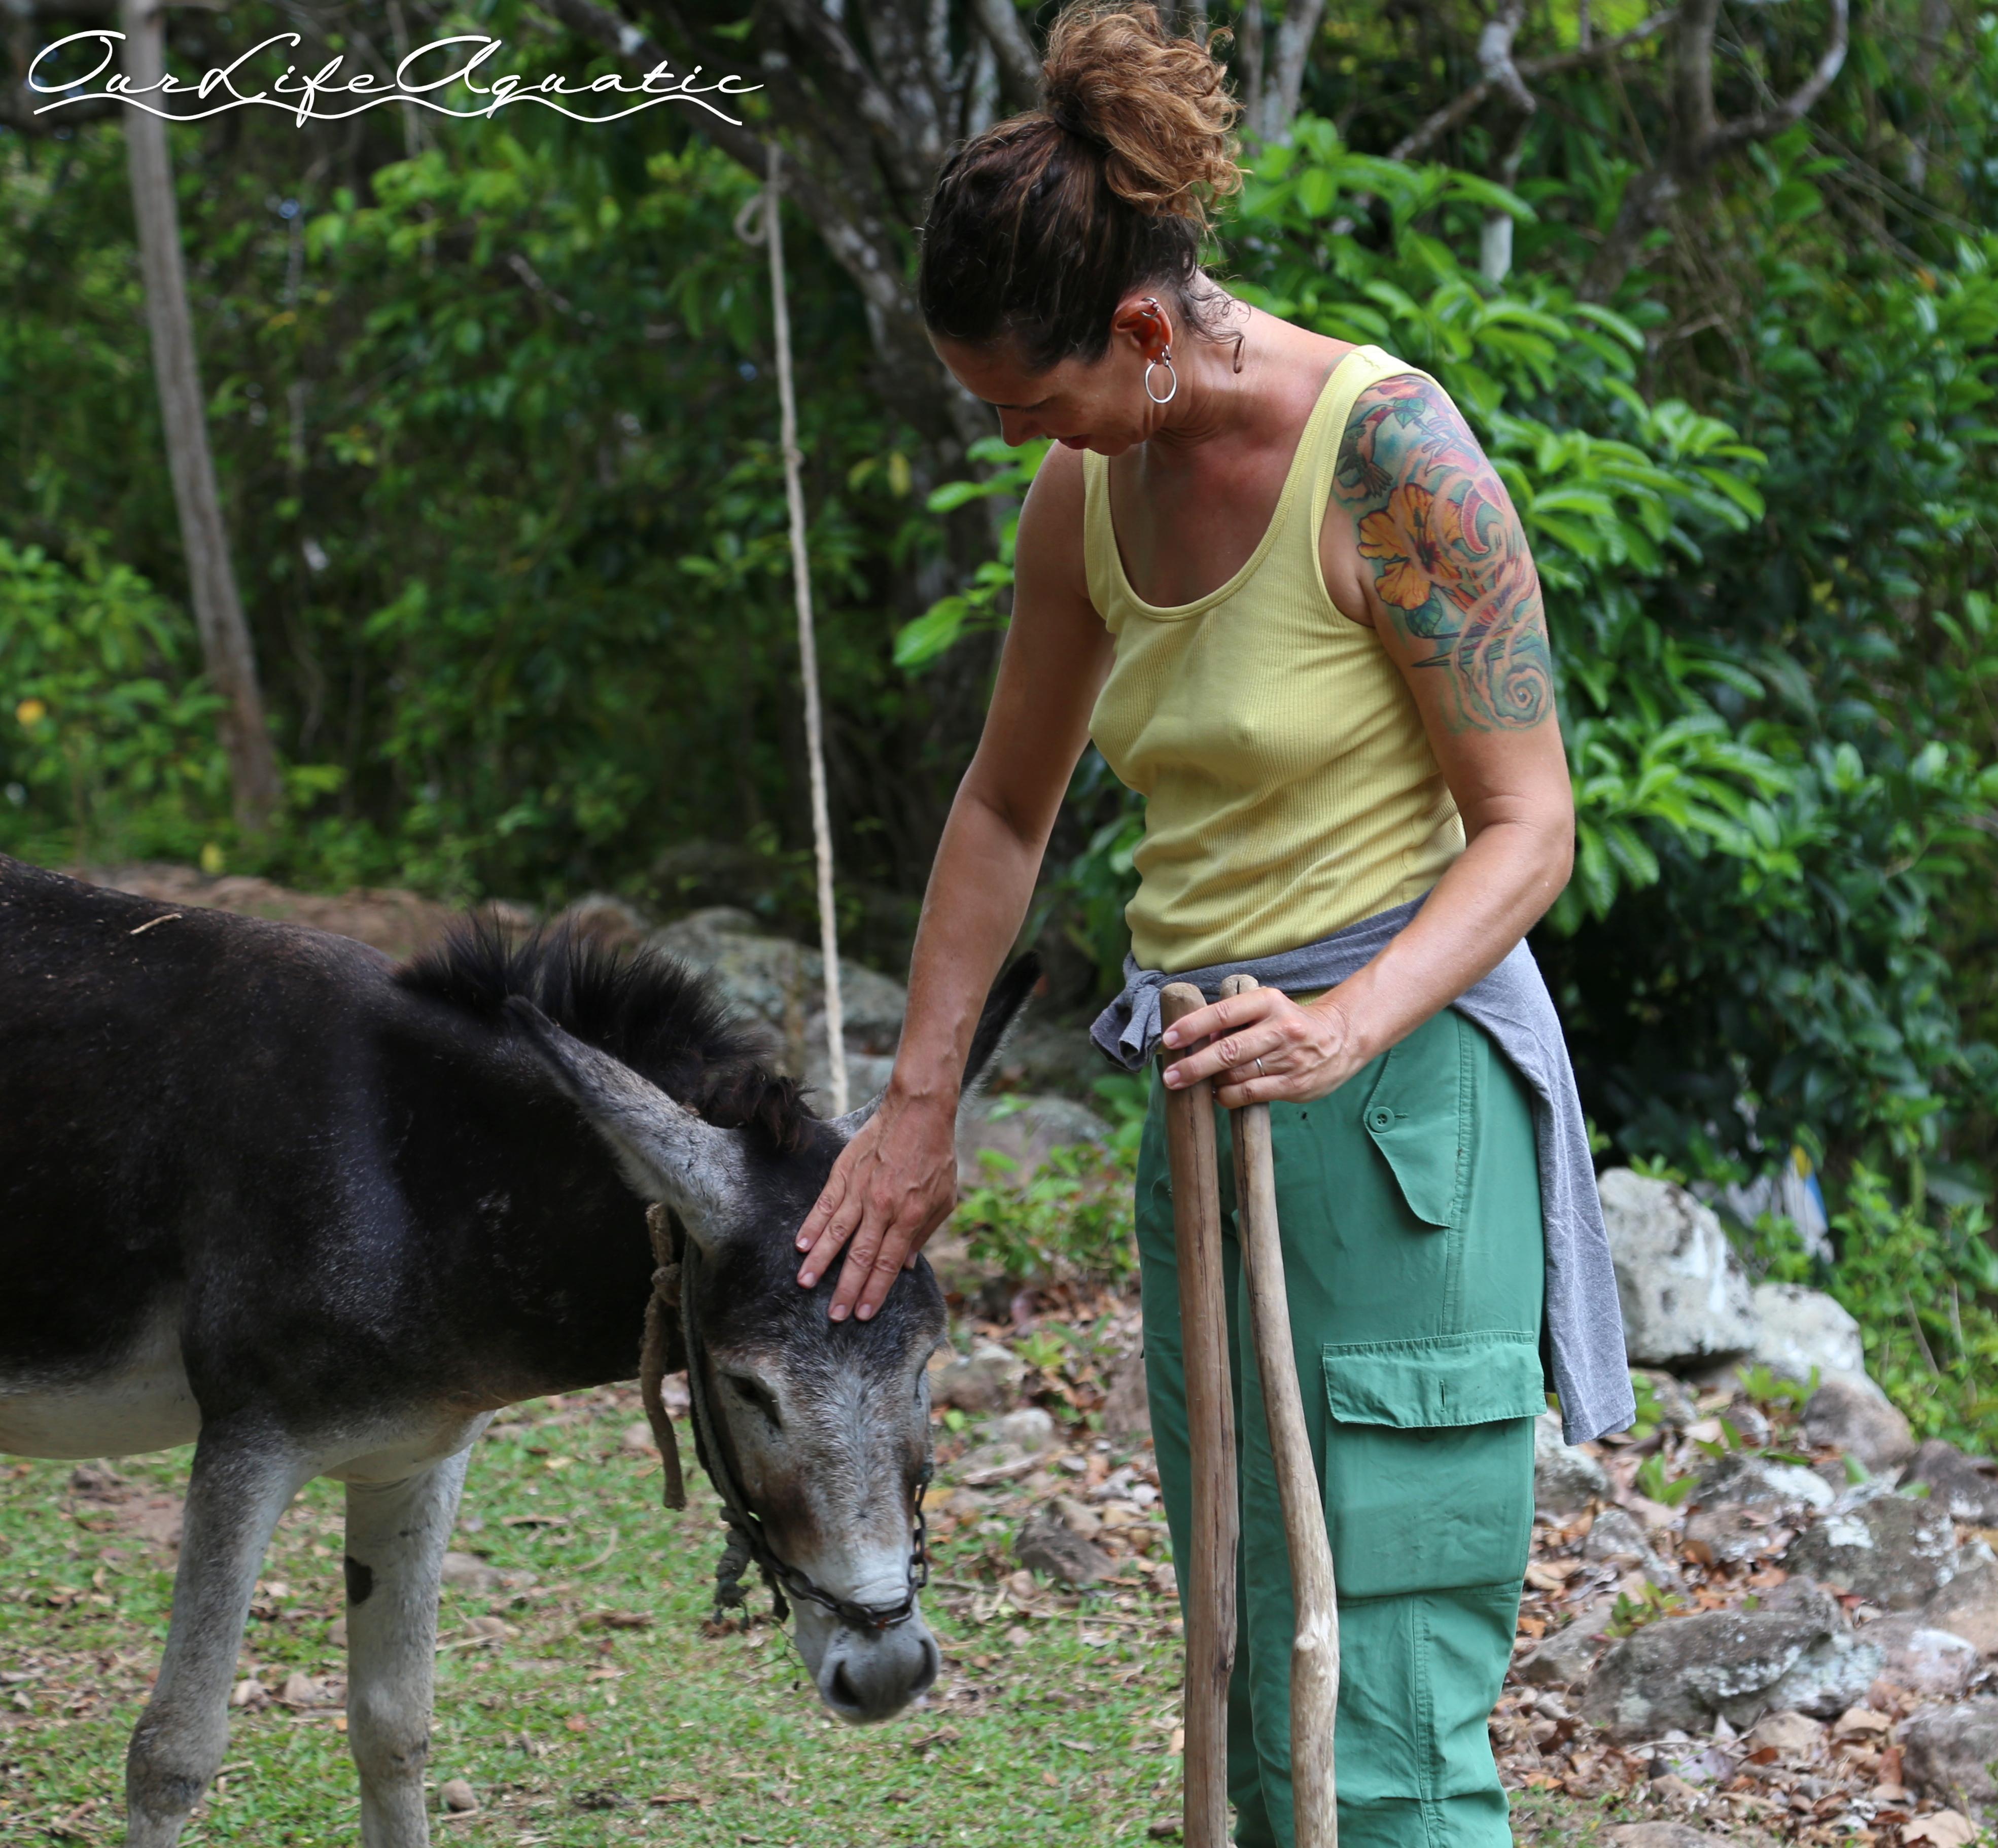 Friendliest donkey ever!